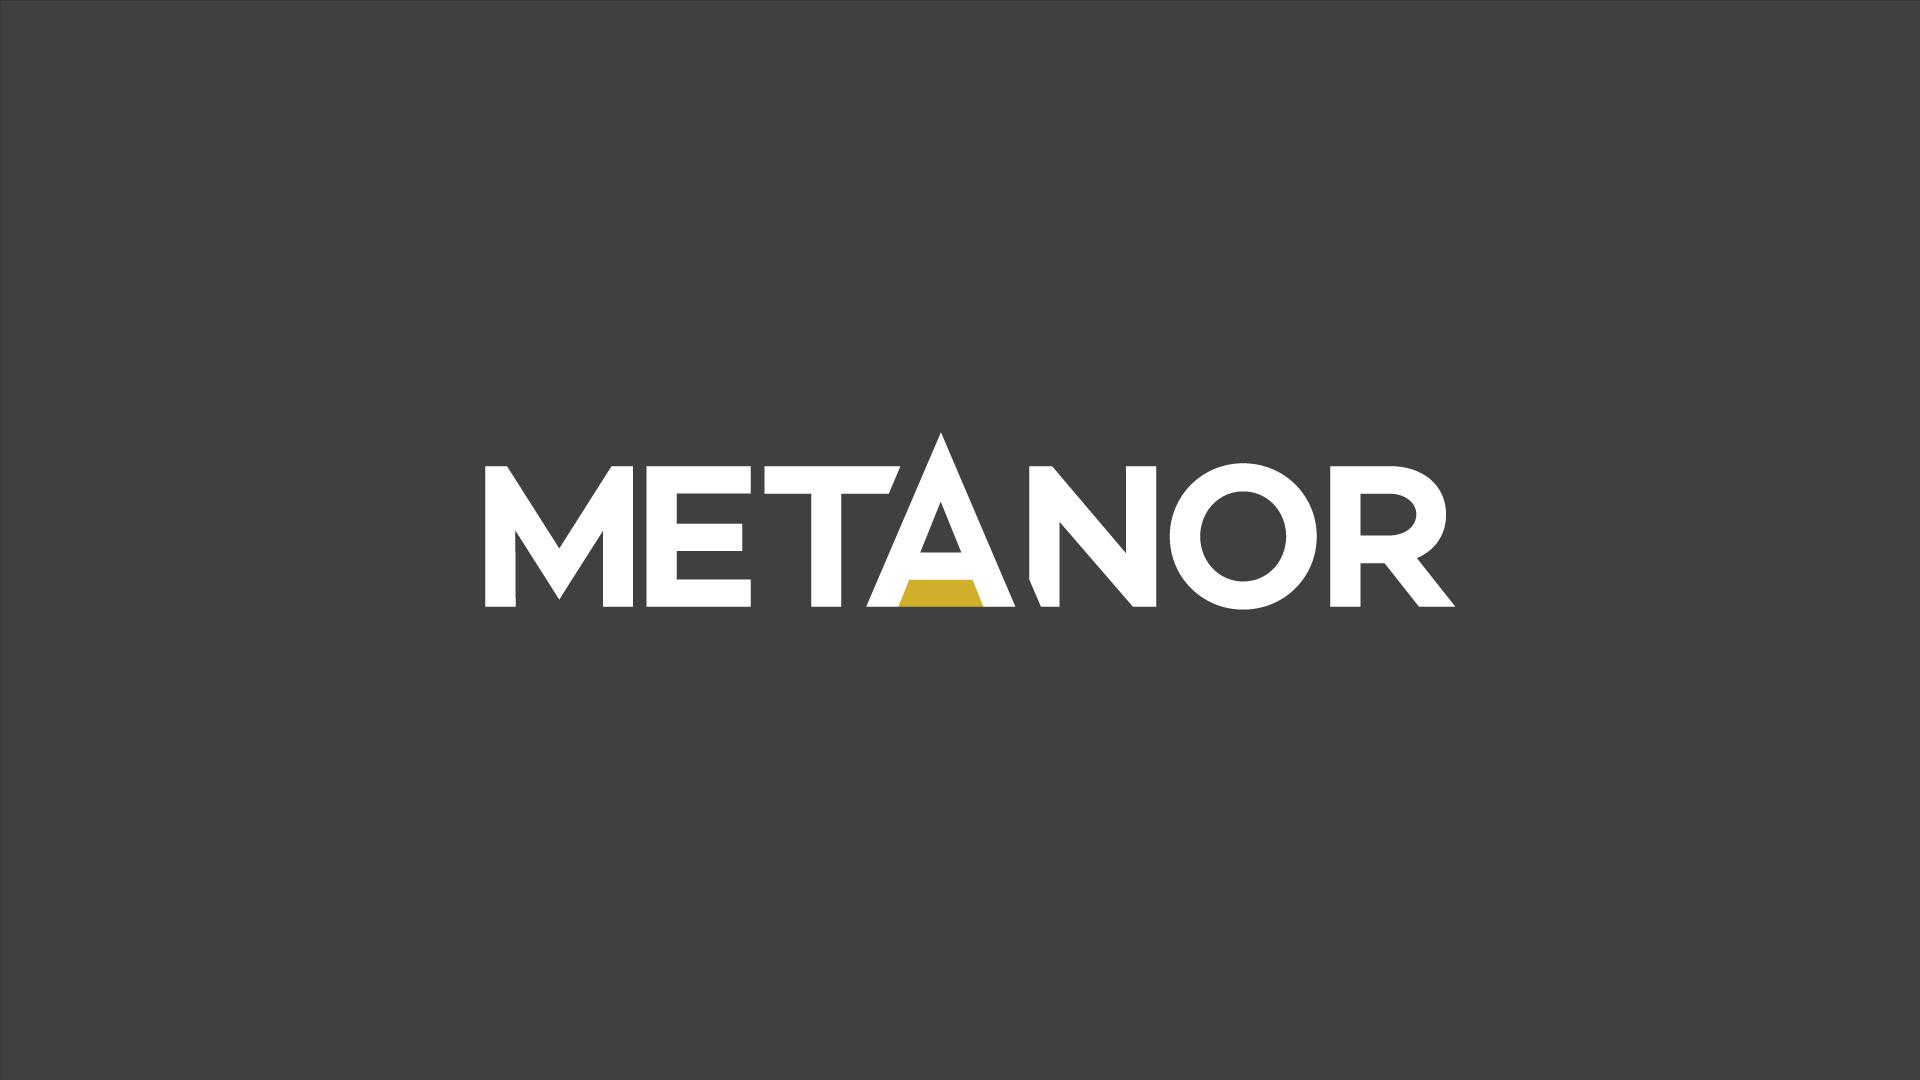 1821-metanor-2.jpg-2.png